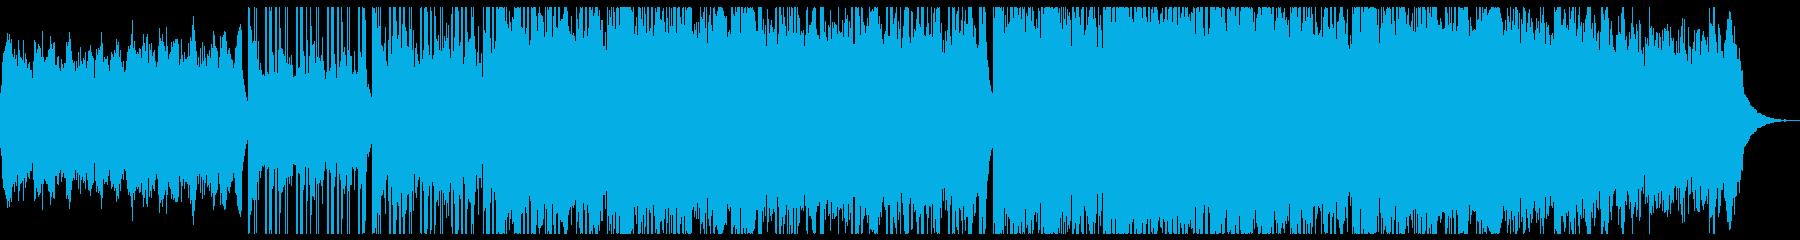 爽やかで切ない感動系チルシネマティック。の再生済みの波形